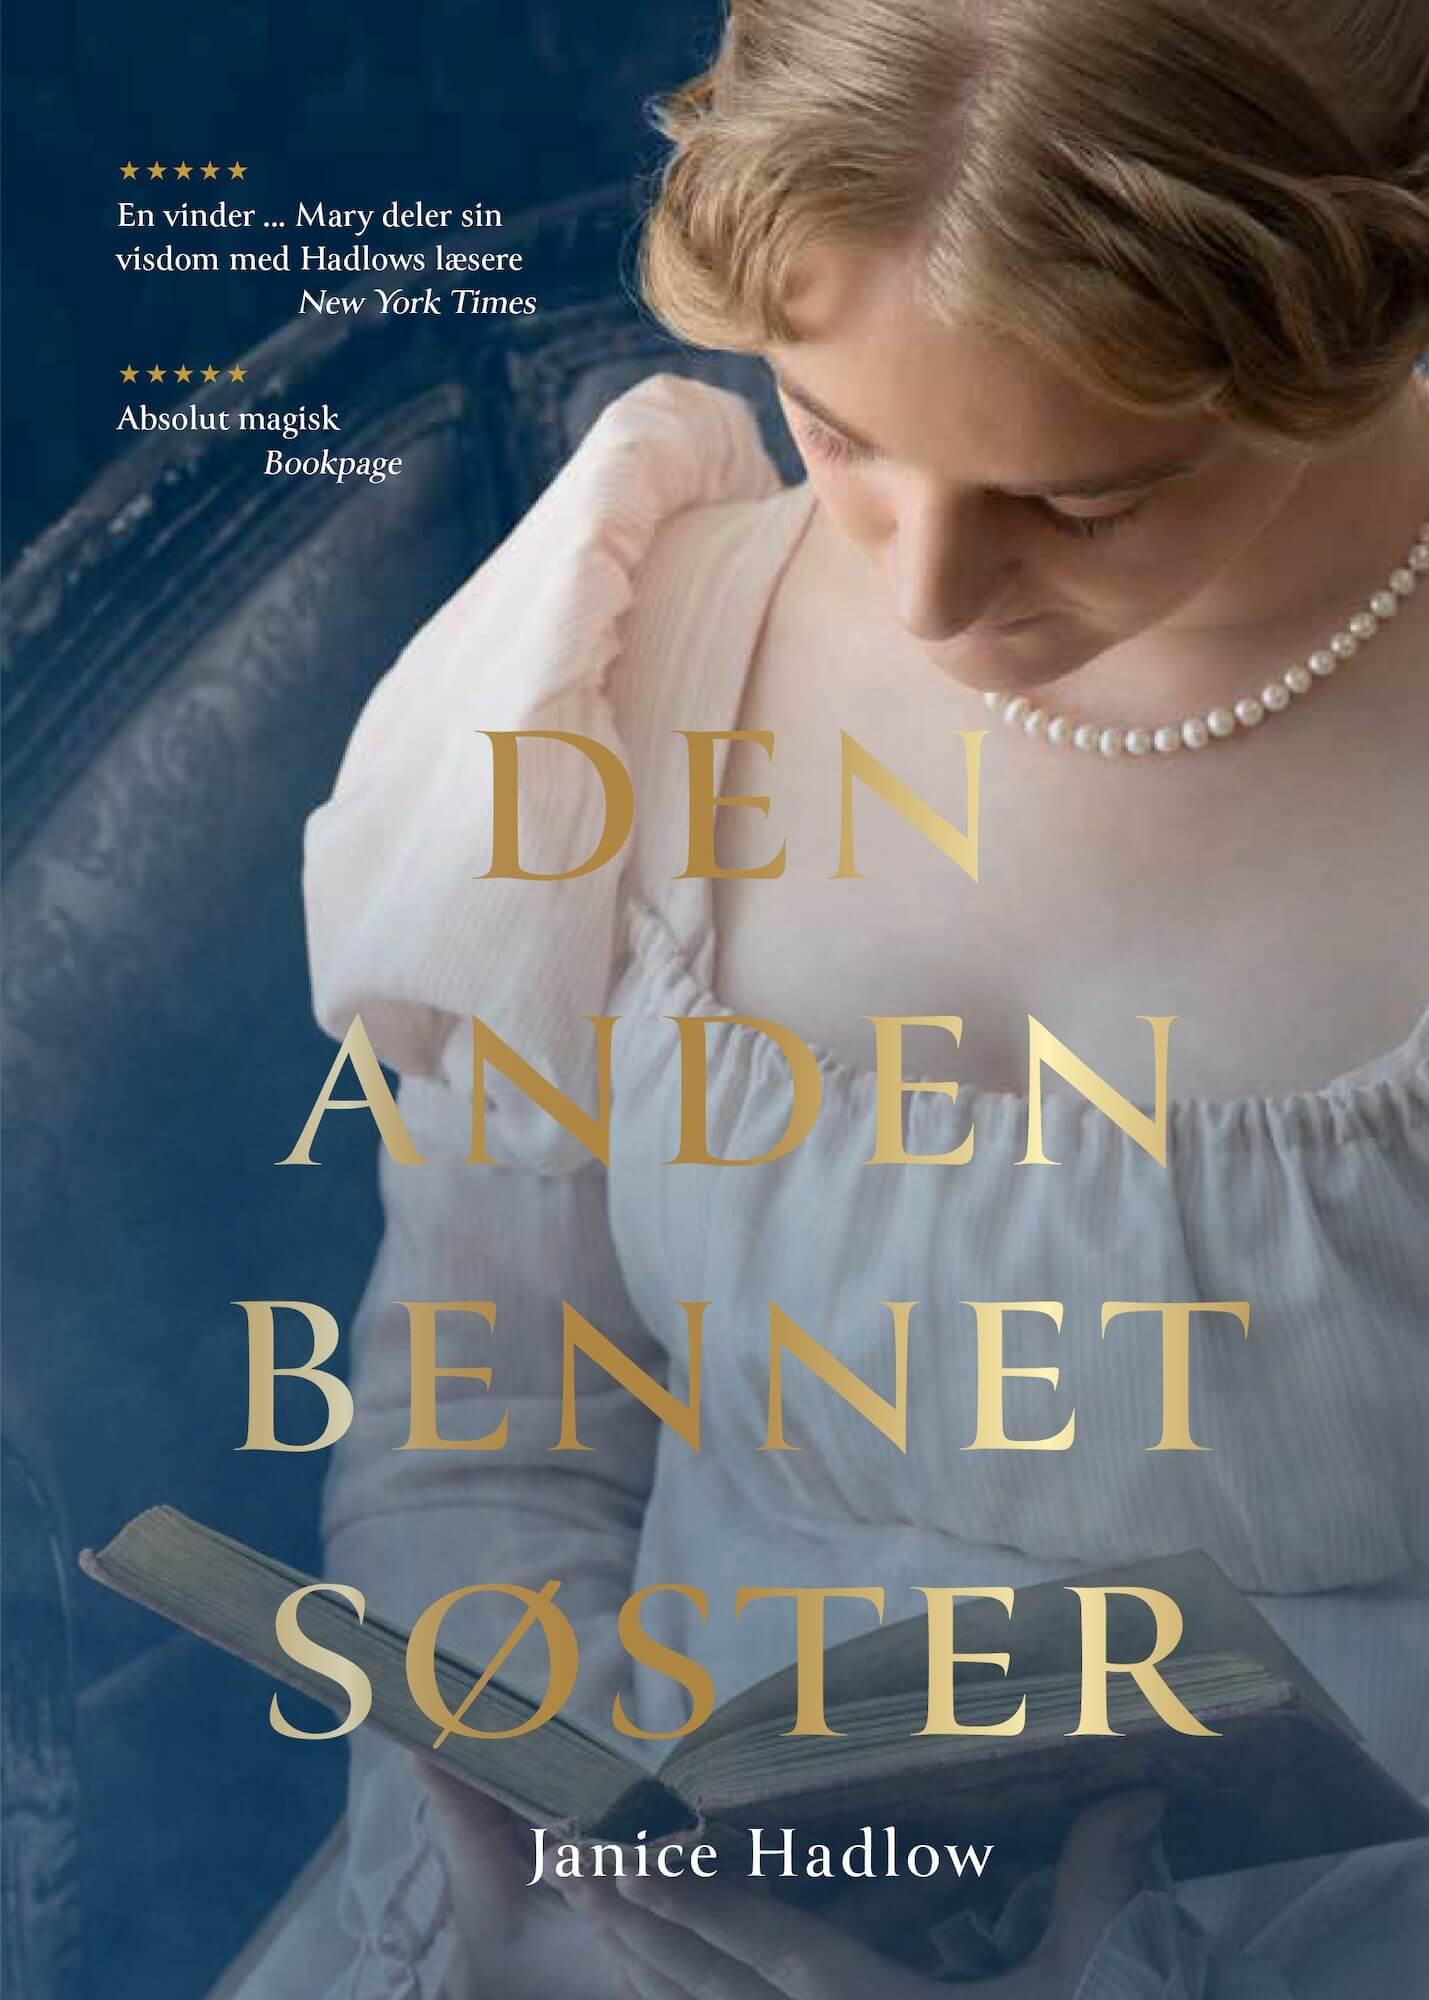 Den anden Bennet søster